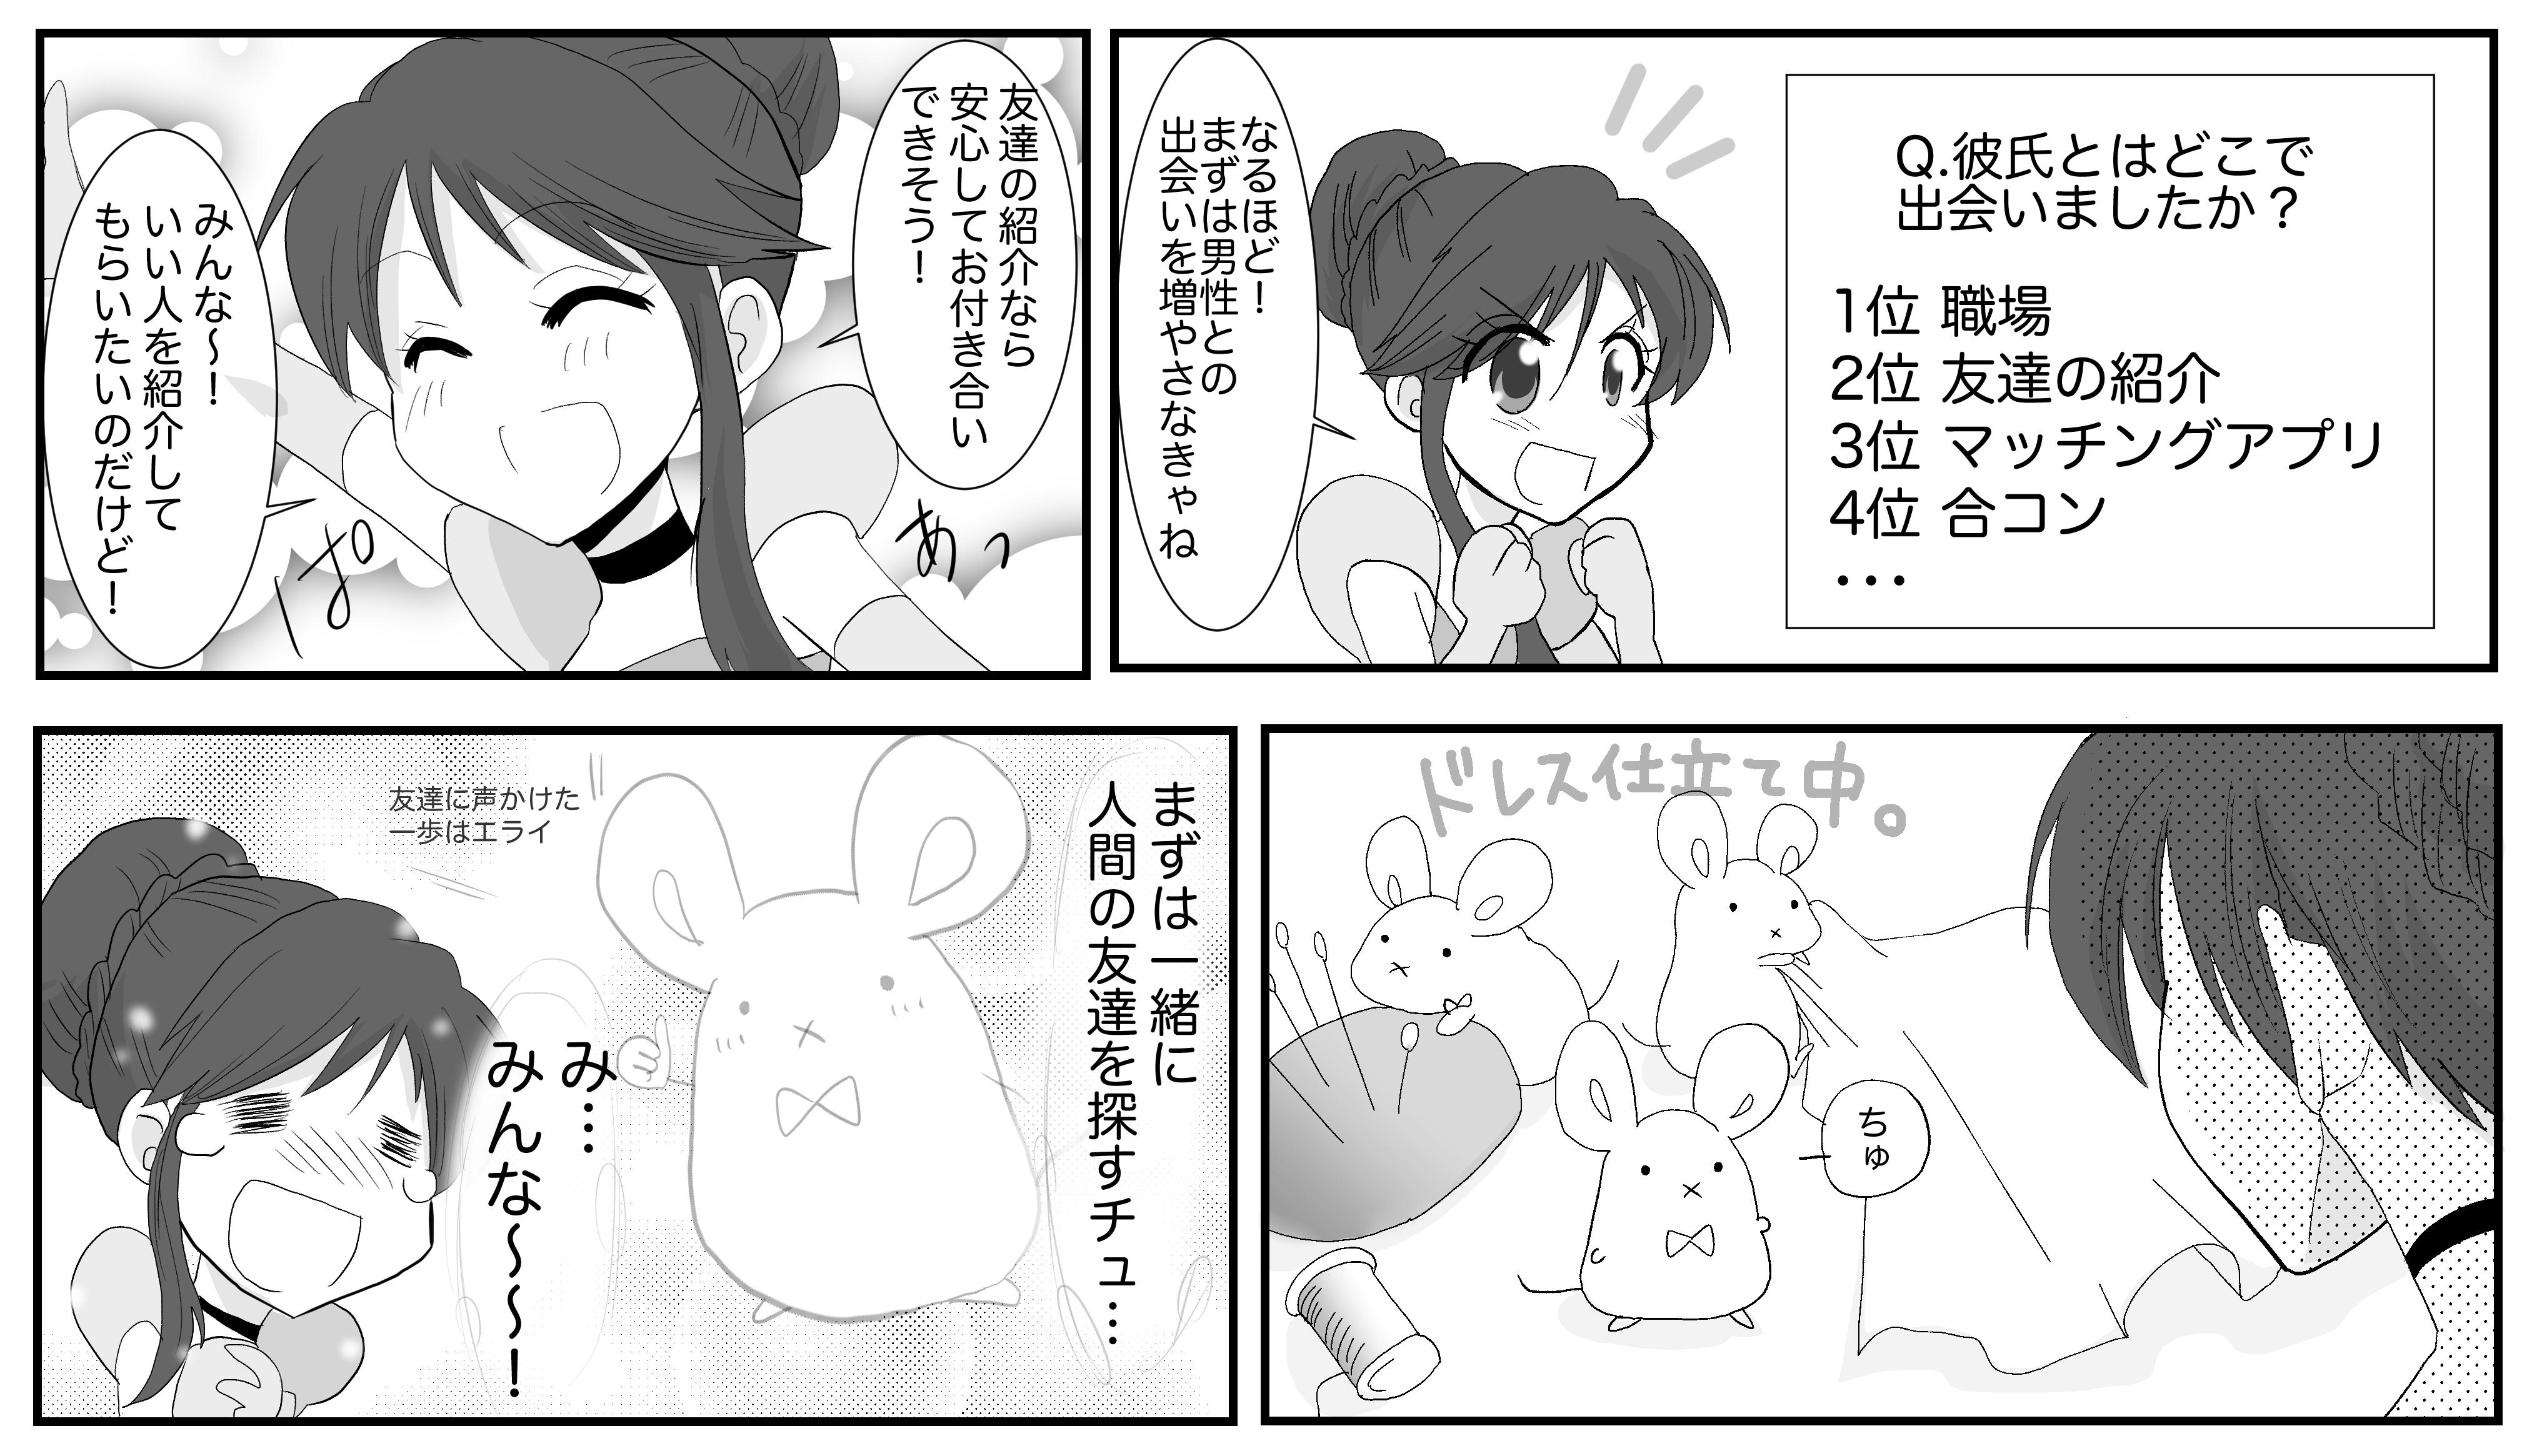 【婚活漫画】忙しくて出会いがないシンデレラ③